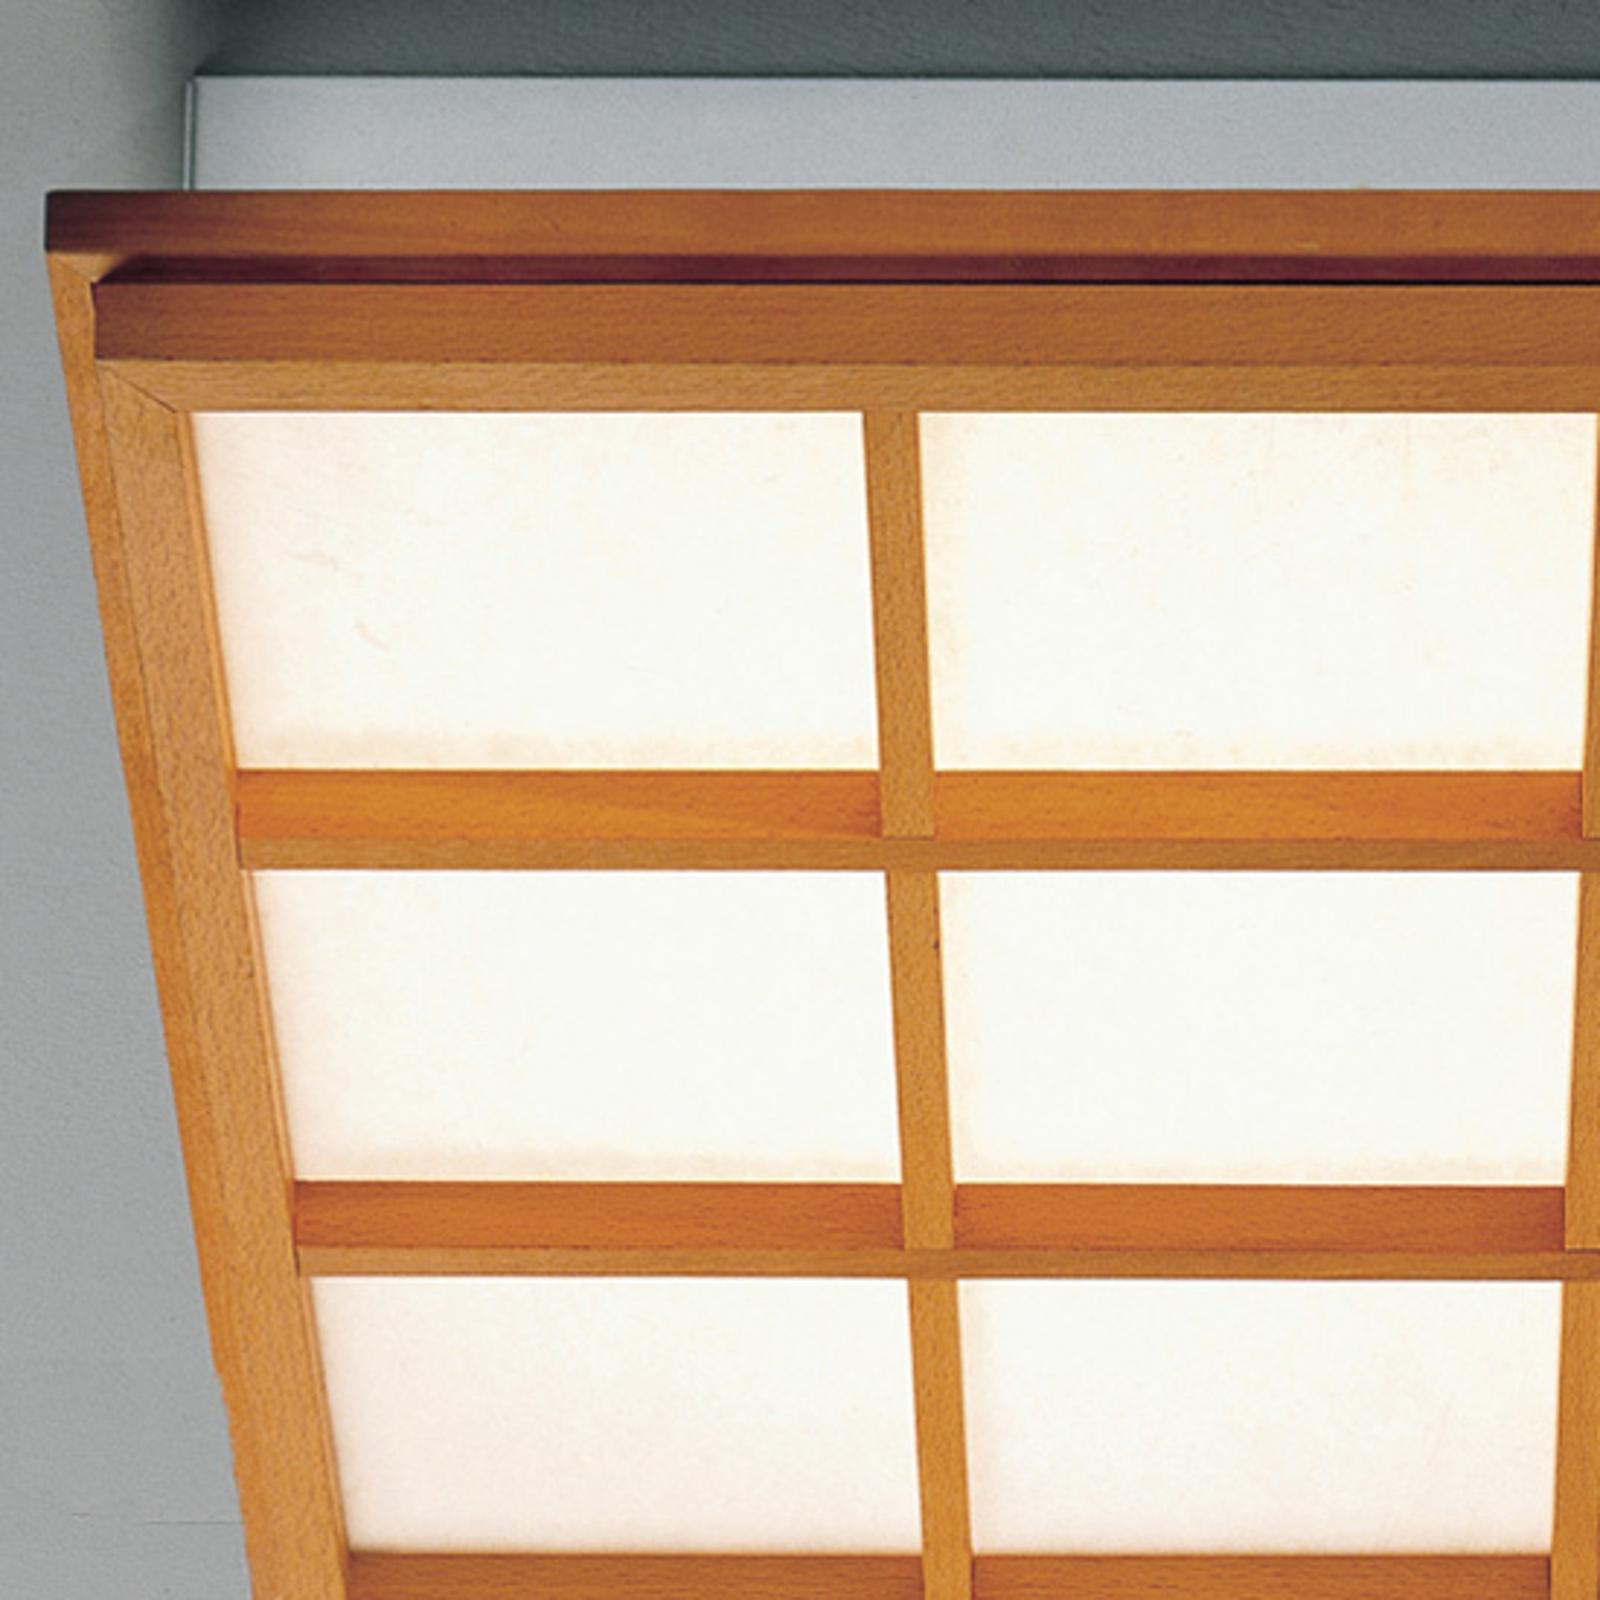 Plafonnier LED Kioto 9 en bois de hêtre